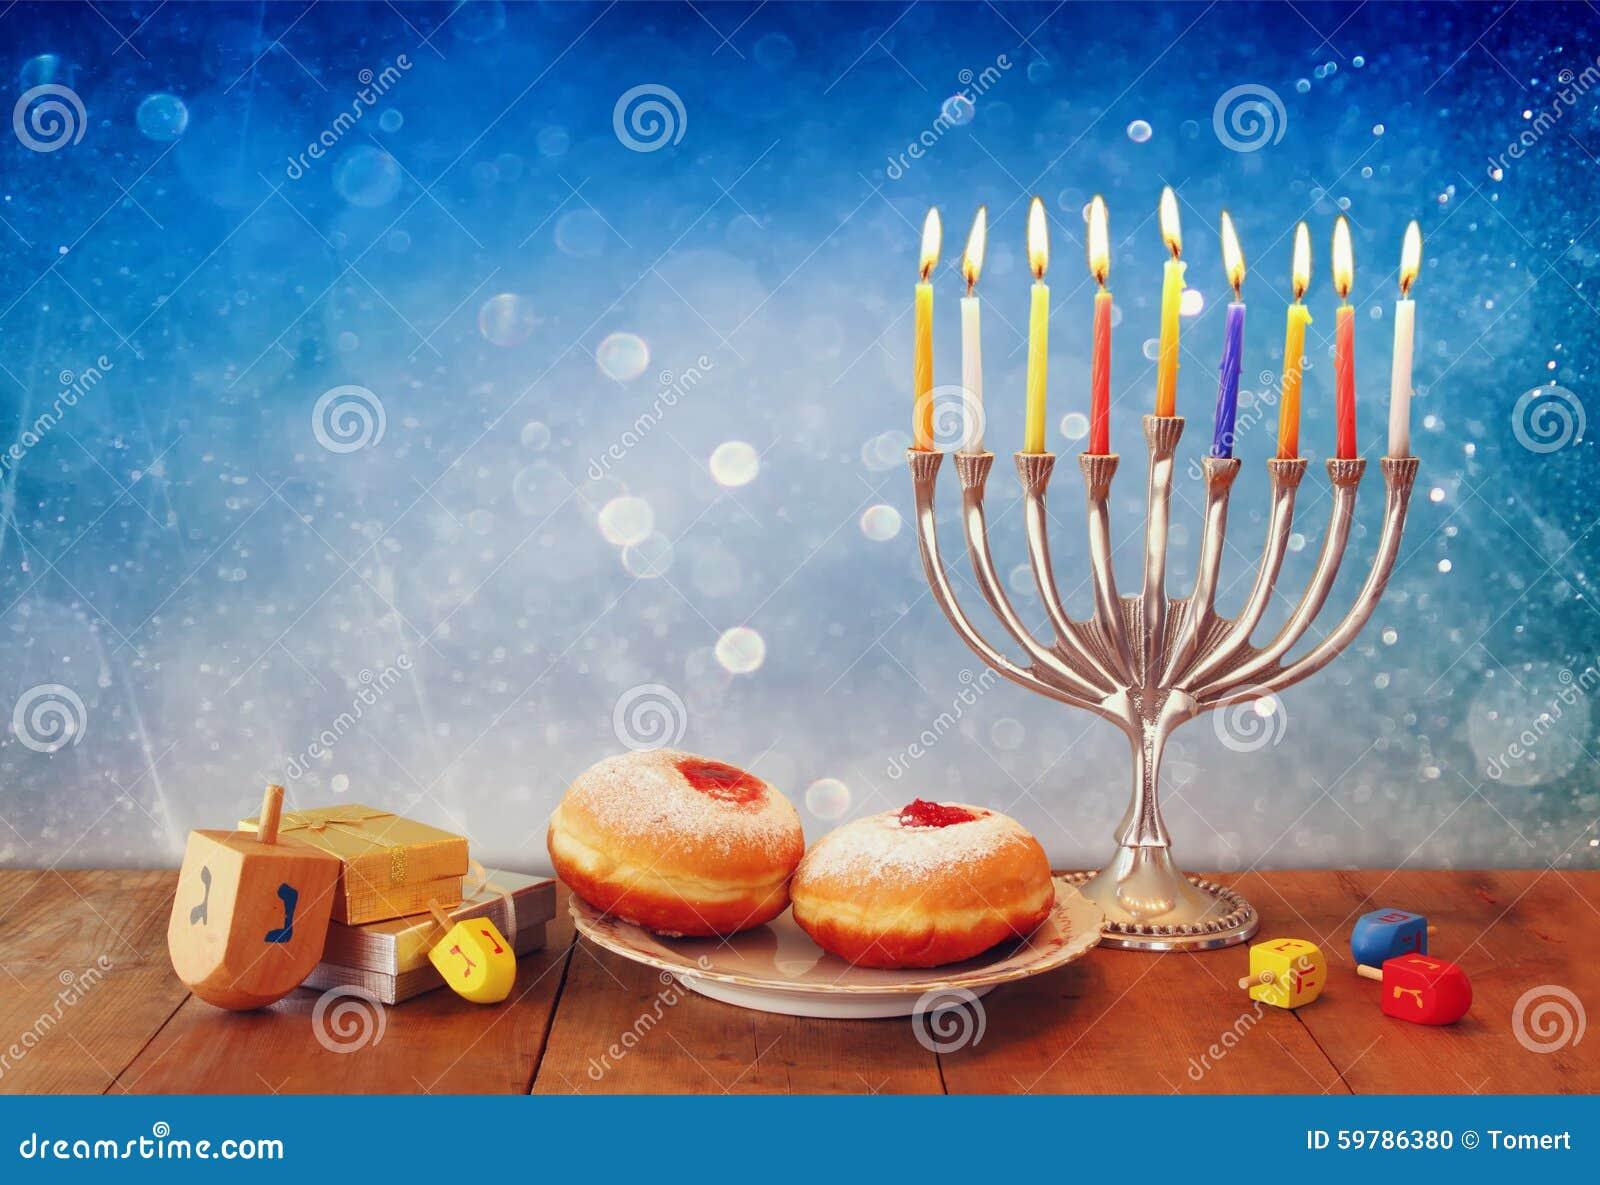 犹太假日光明节的低调图象与menorah、多福饼和木dreidels (抽陀螺)的 减速火箭的被过滤的图象